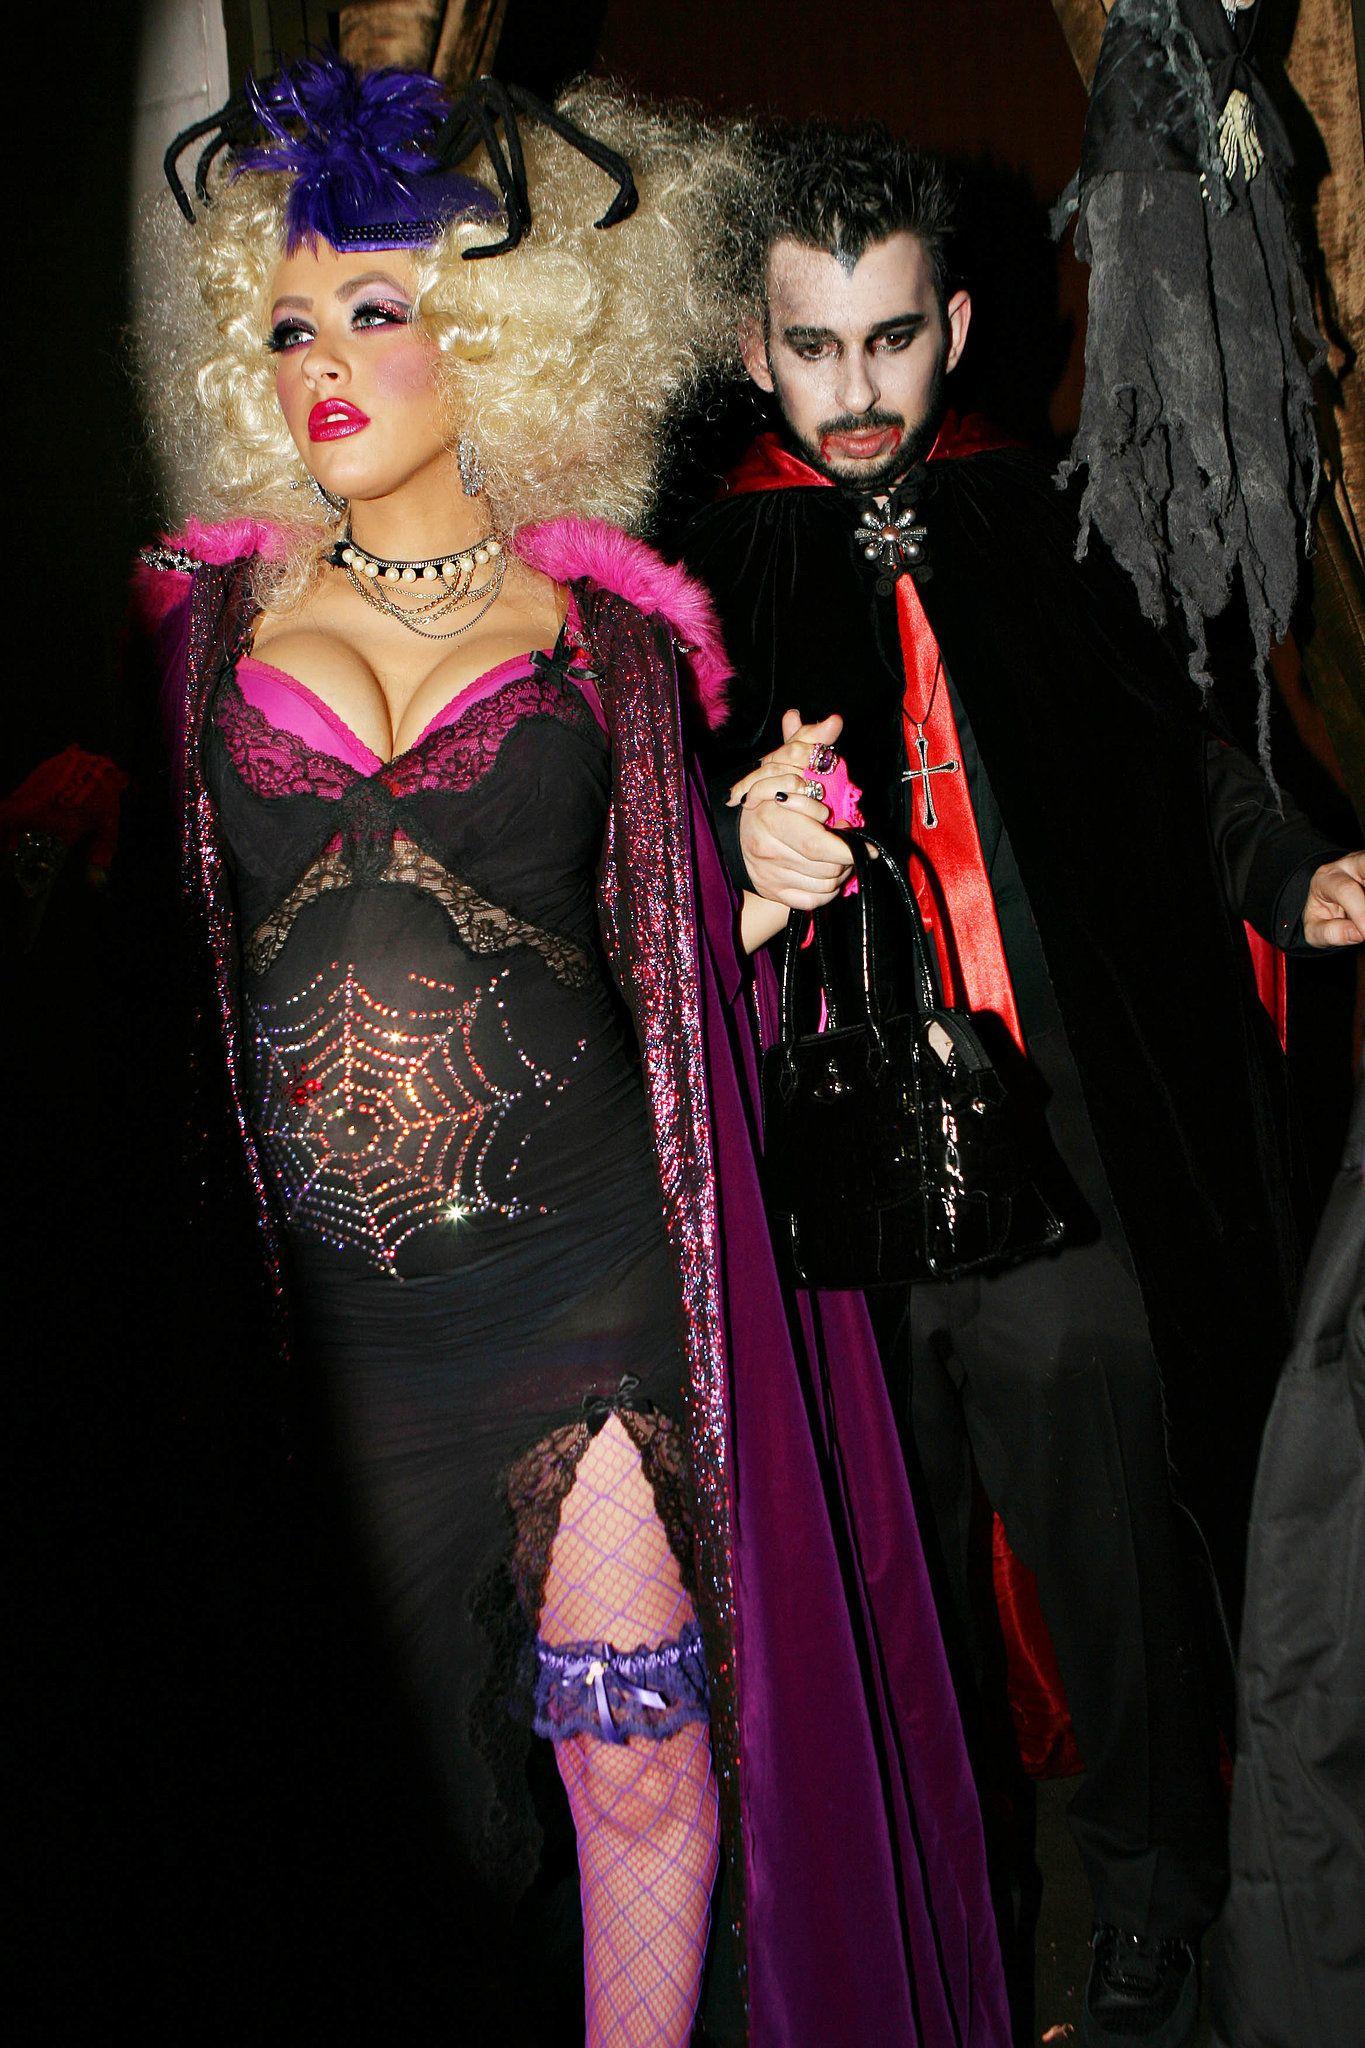 christina aguilera and jordan bratman as a spider woman and dracula - Christina Aguilera Halloween